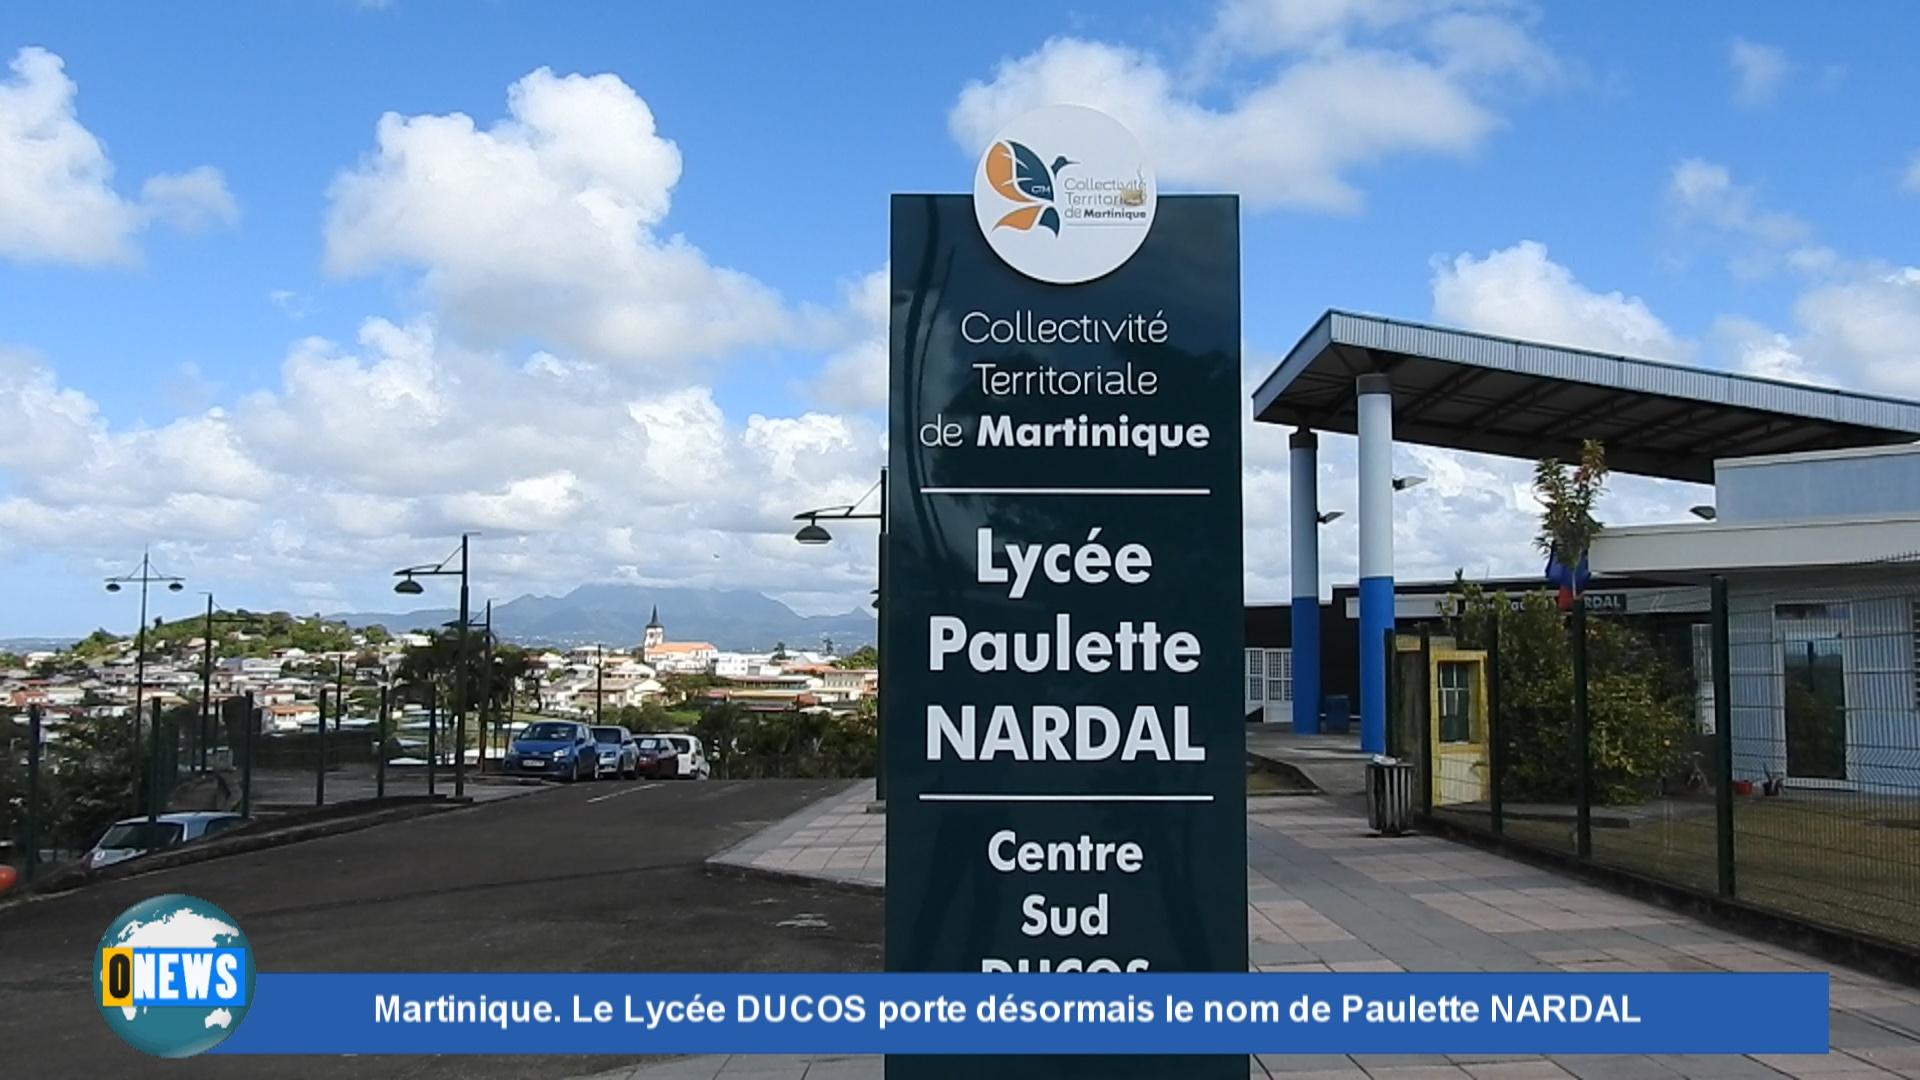 [Vidéo] Martinique. Le Lycée DUCOS porte désormais le nom de Paulette NARDAL